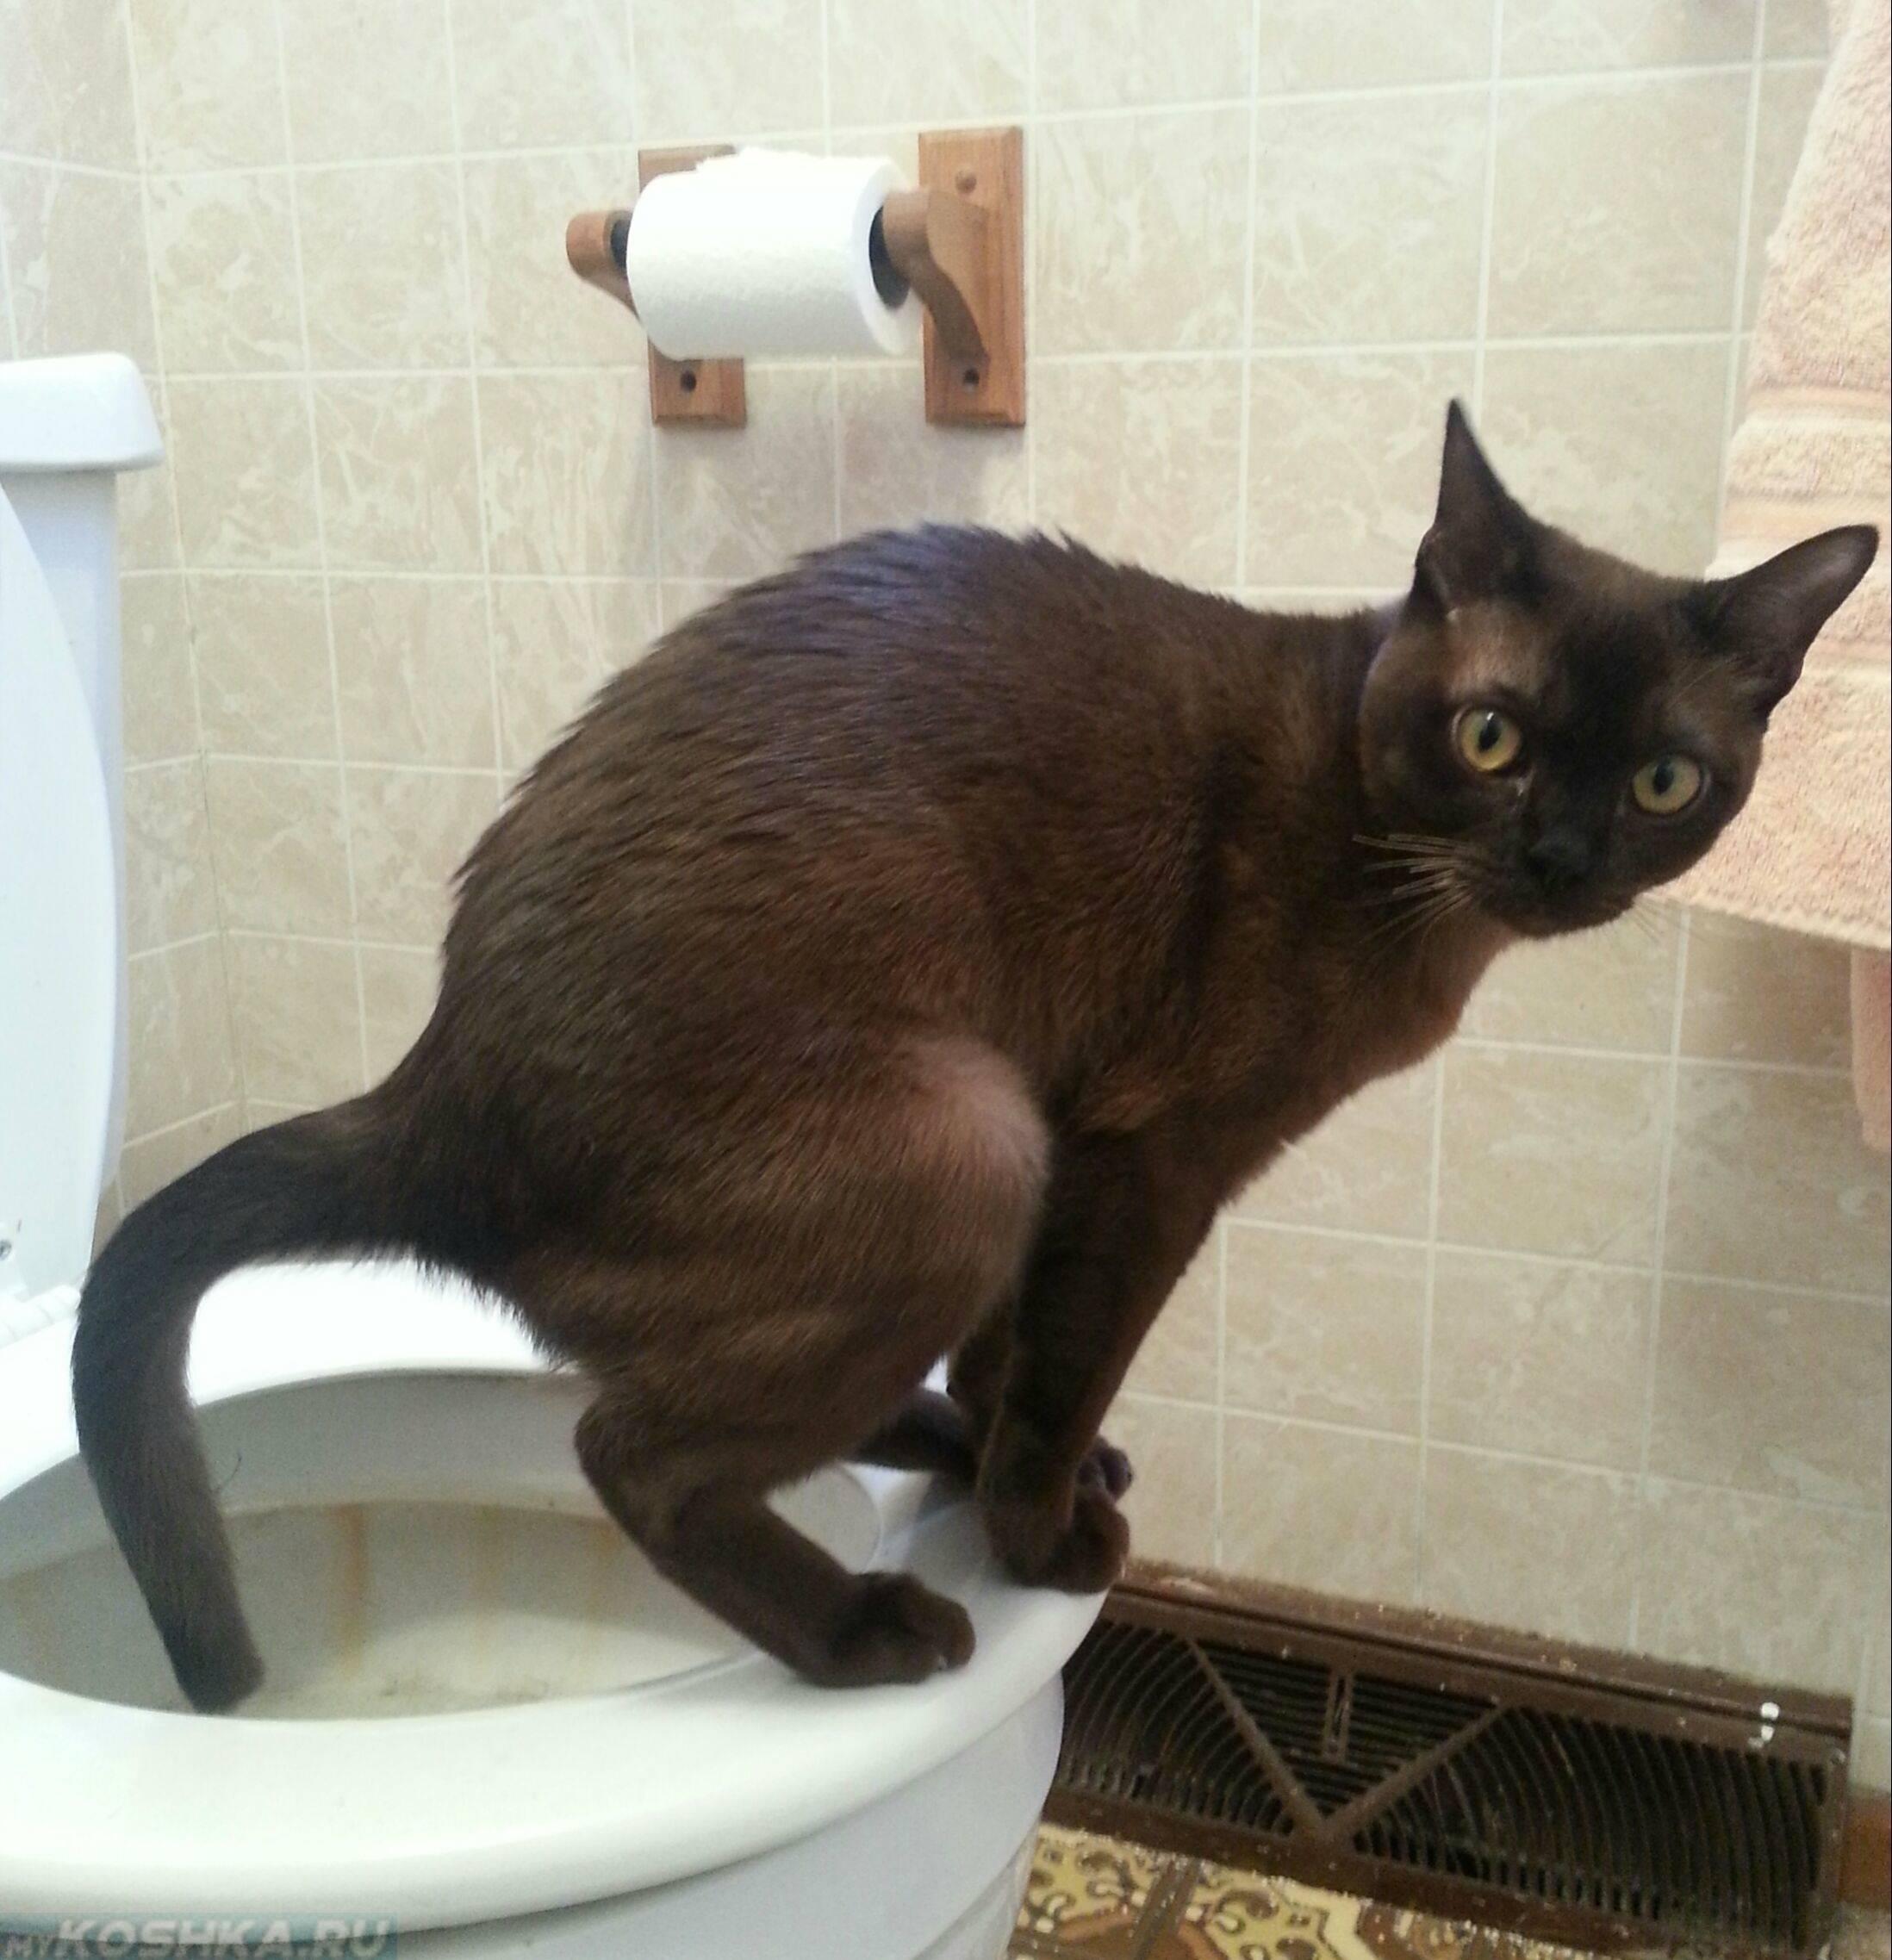 Кошка чешет попу об ковер: глисты, воспаление или раздражение?